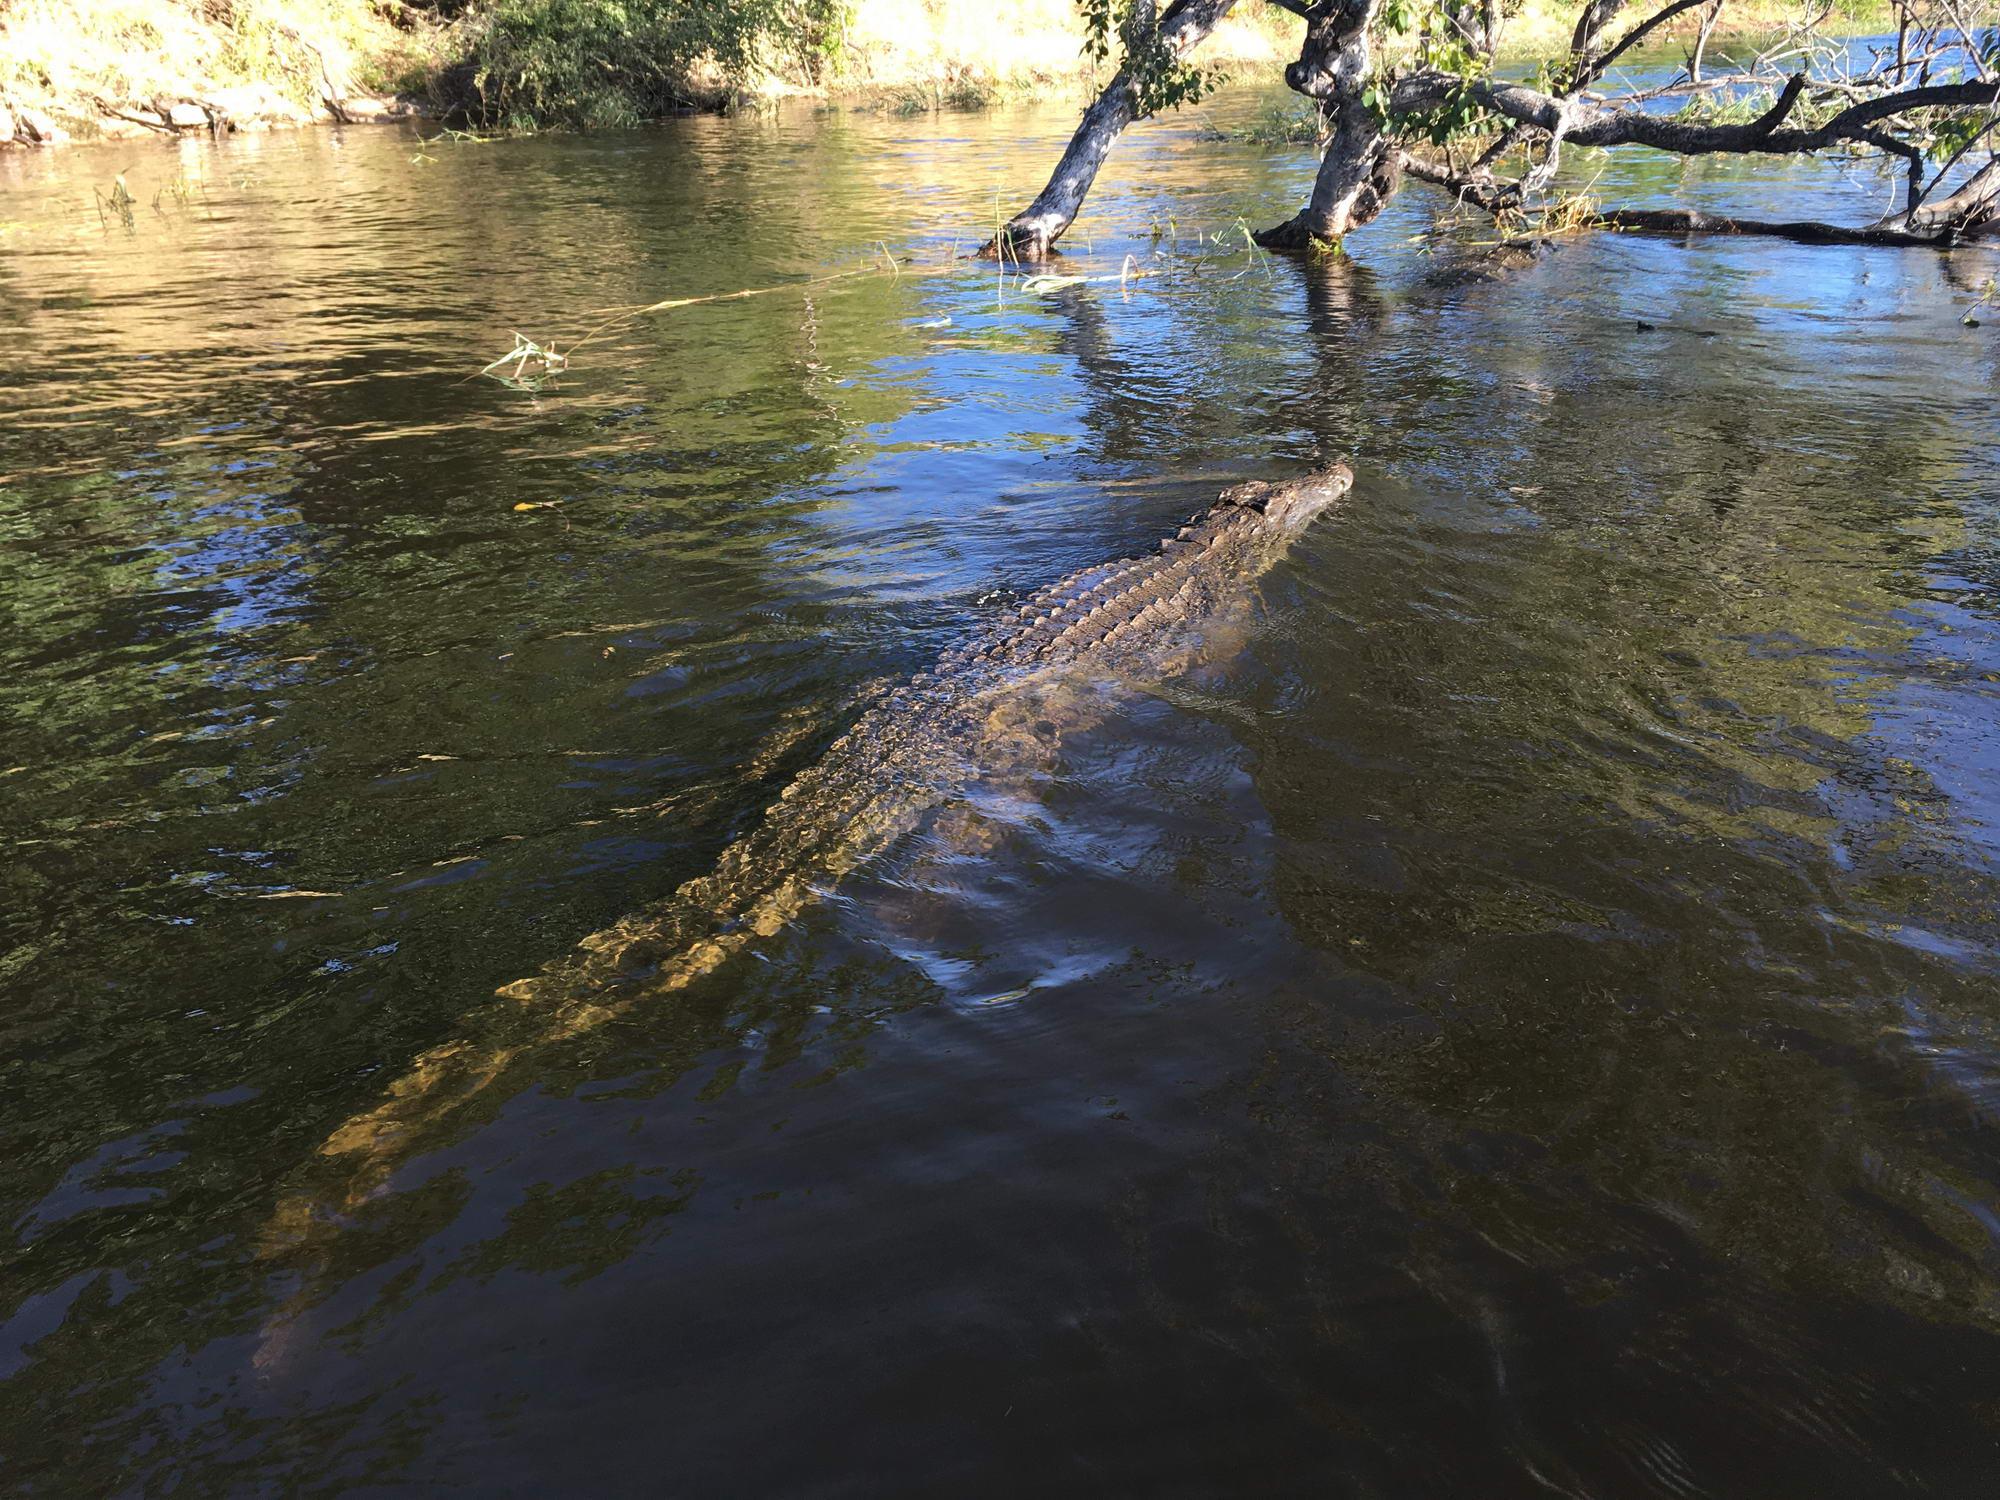 gromozanski krokodil